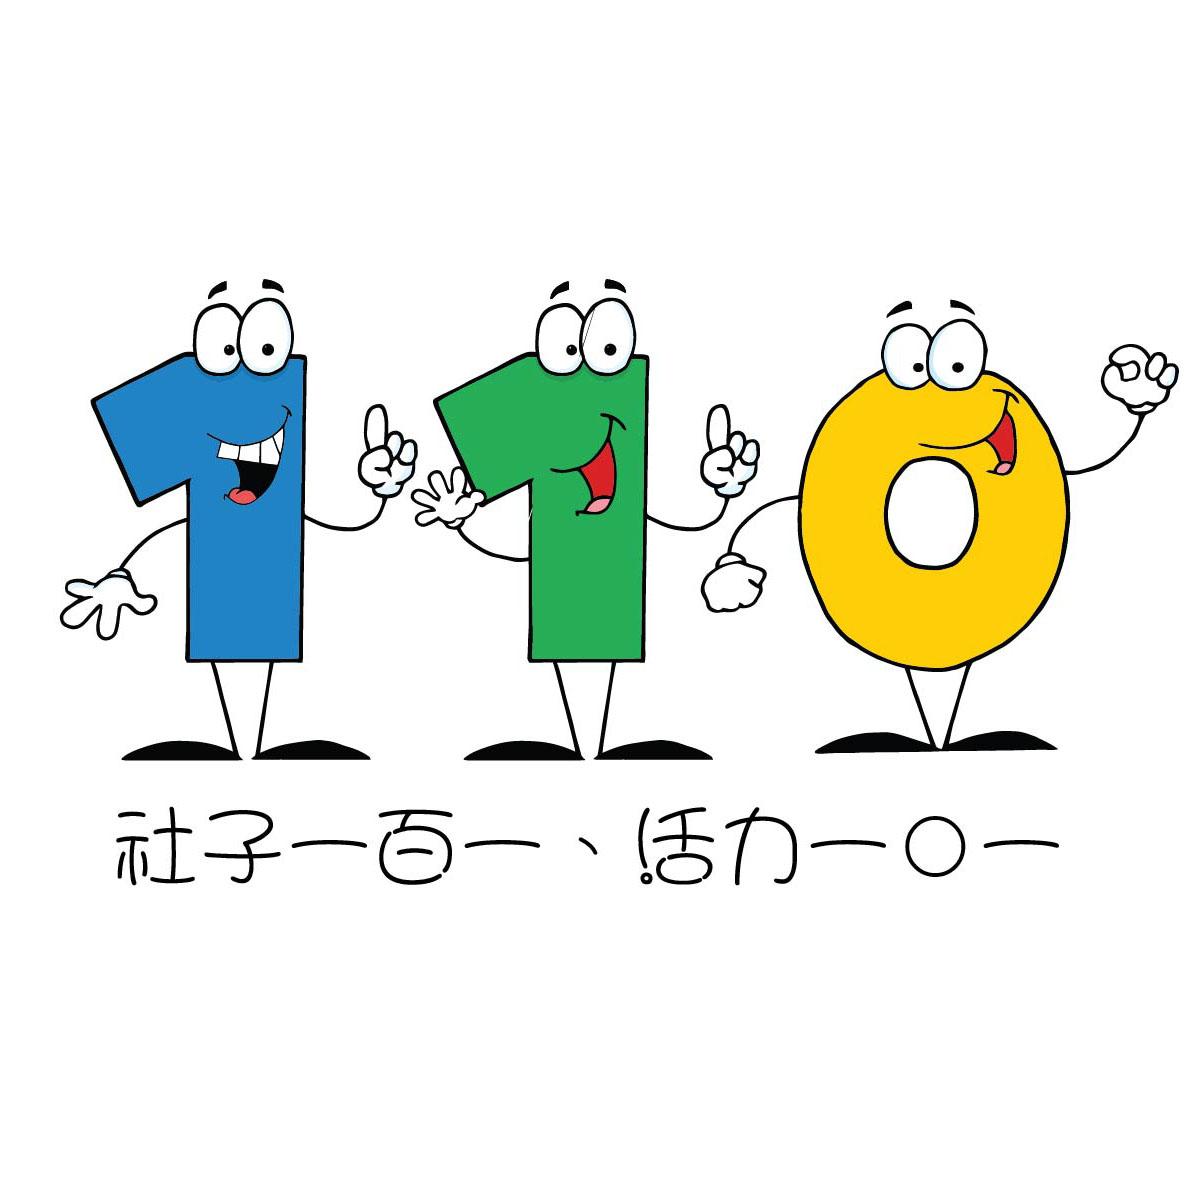 社子一百一.活力一〇一: 校慶成果   110週年LOGO徵圖比賽得獎作品